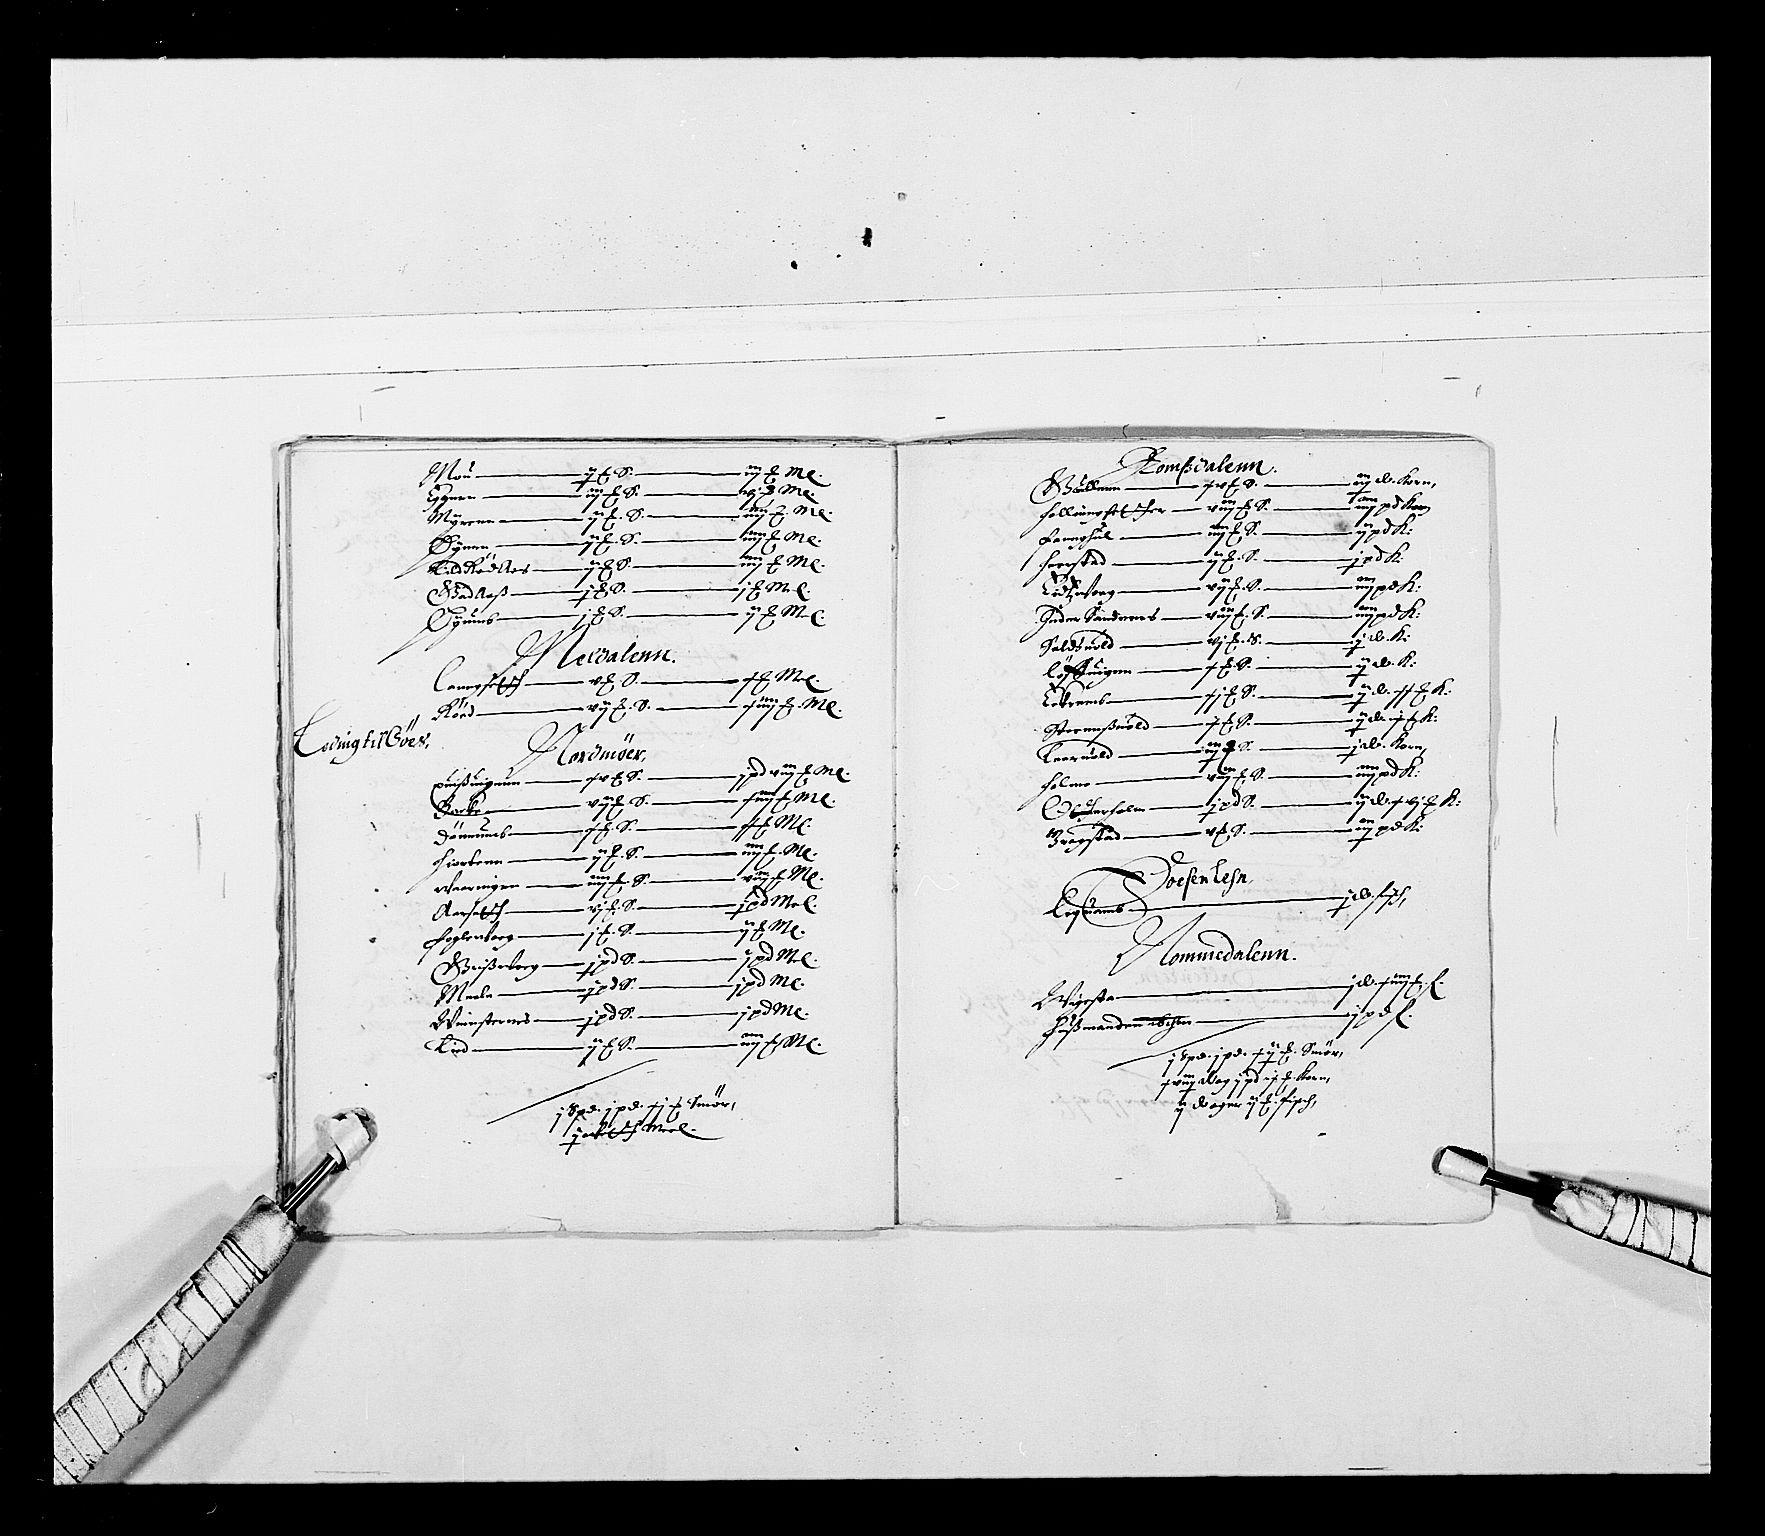 RA, Stattholderembetet 1572-1771, Ek/L0027: Jordebøker 1633-1658:, 1644-1645, s. 50